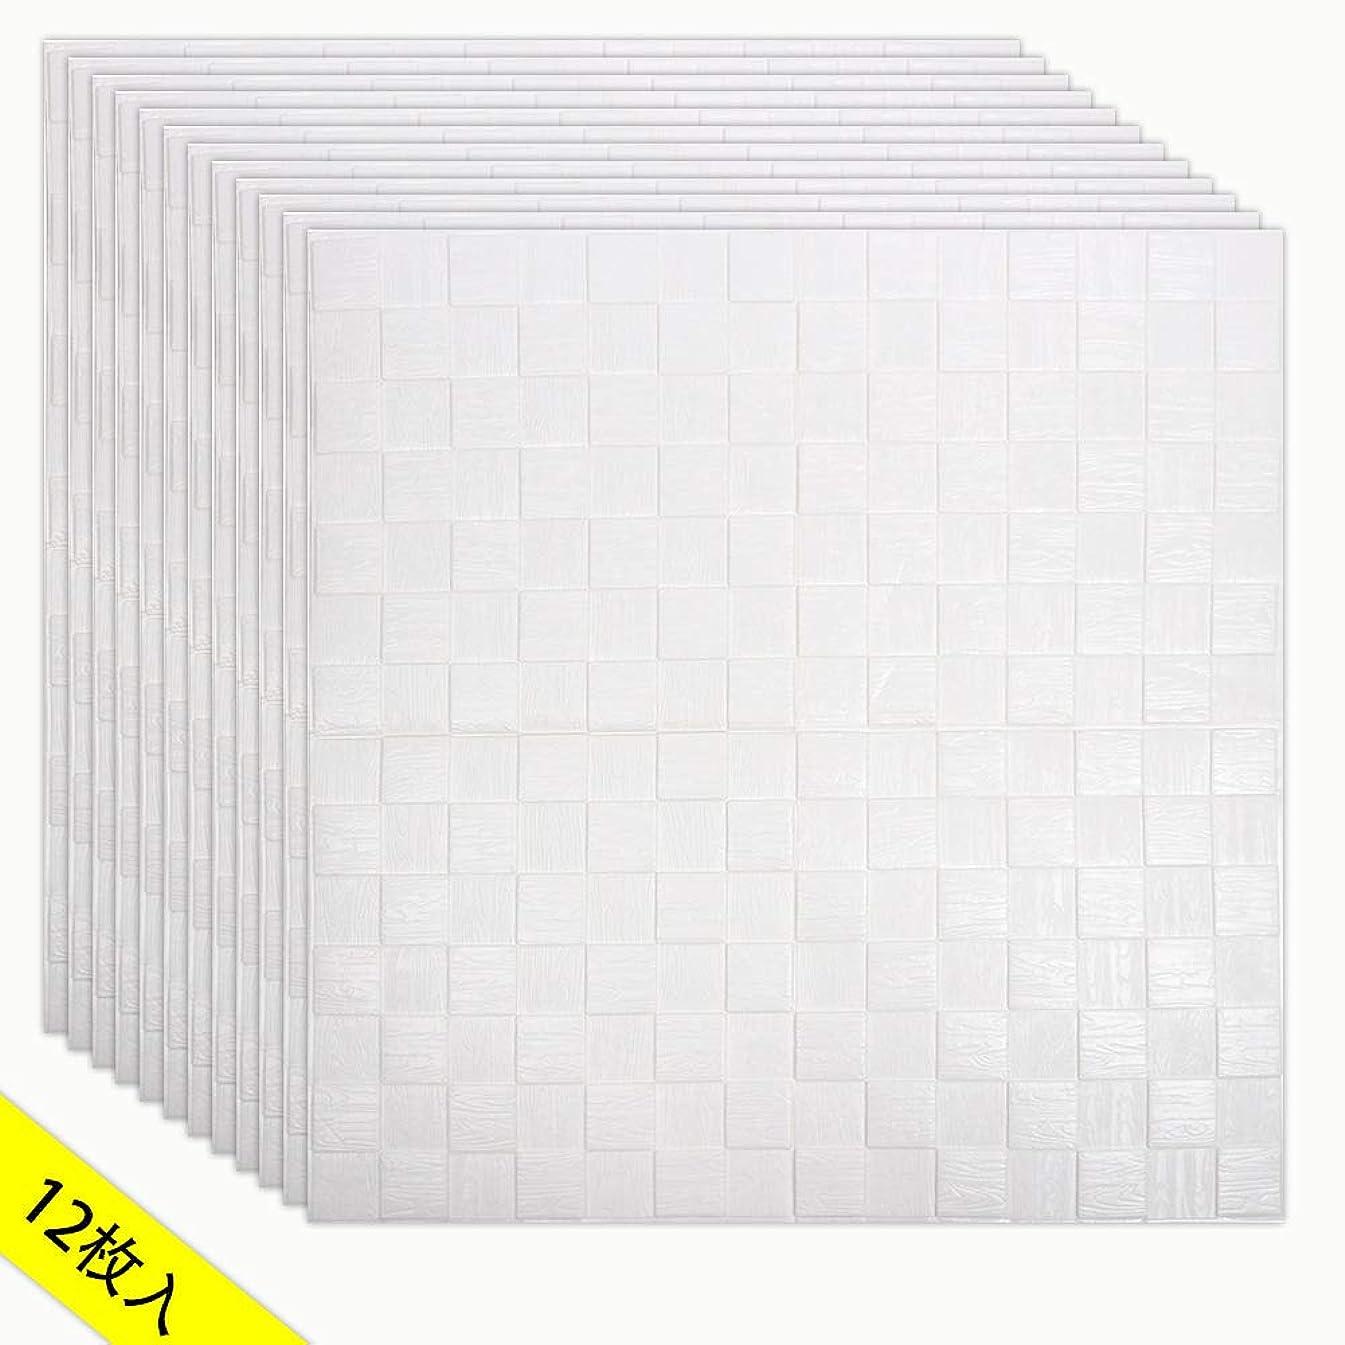 売り手取り扱いなぞらえるyazi 3D 壁紙 リメイクシート 壁紙 はがせる 壁紙シール 防音シート ホワイト DIYクッション シール 立体感 防水断熱 接着剤不要 ウォールステッカー 70*70cm (12枚セット)